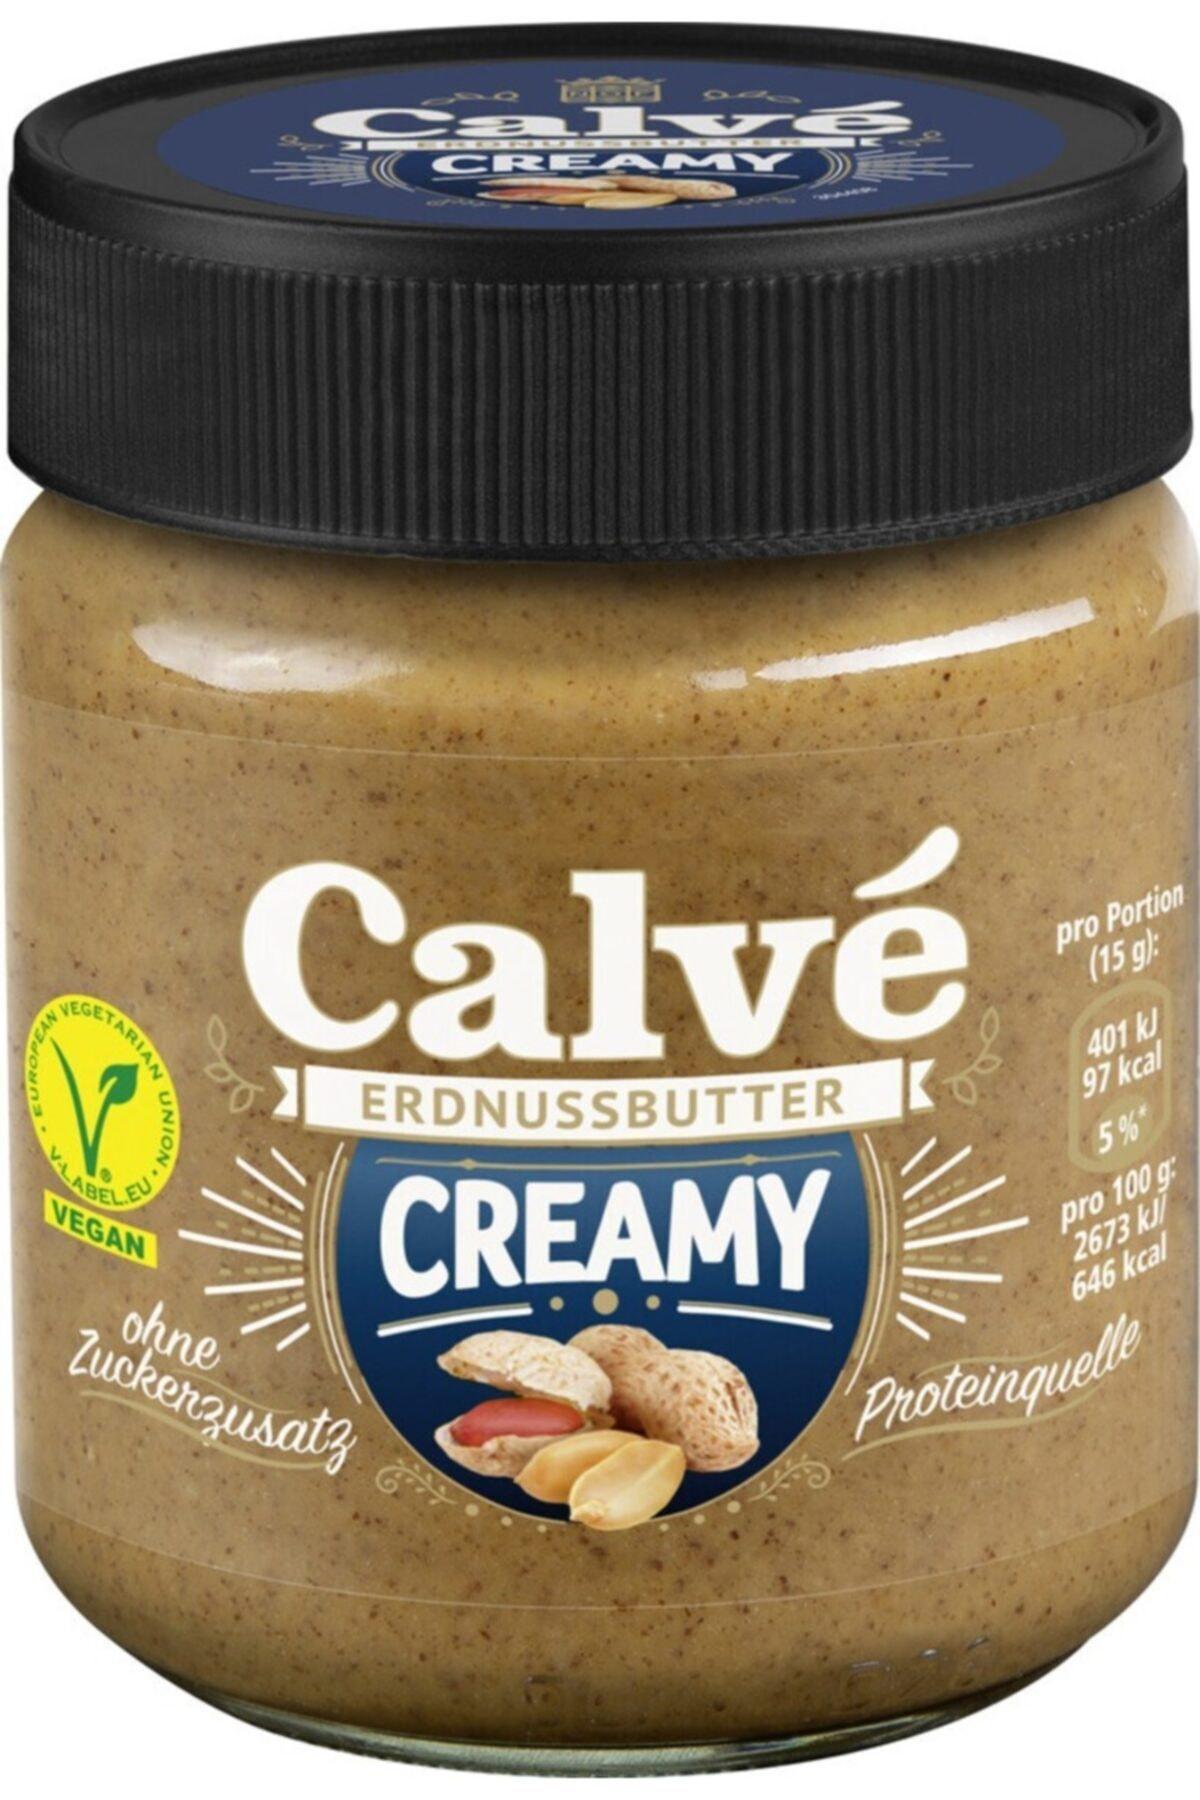 Calve Calvé Erdnussbutter Creamy 210 G 1